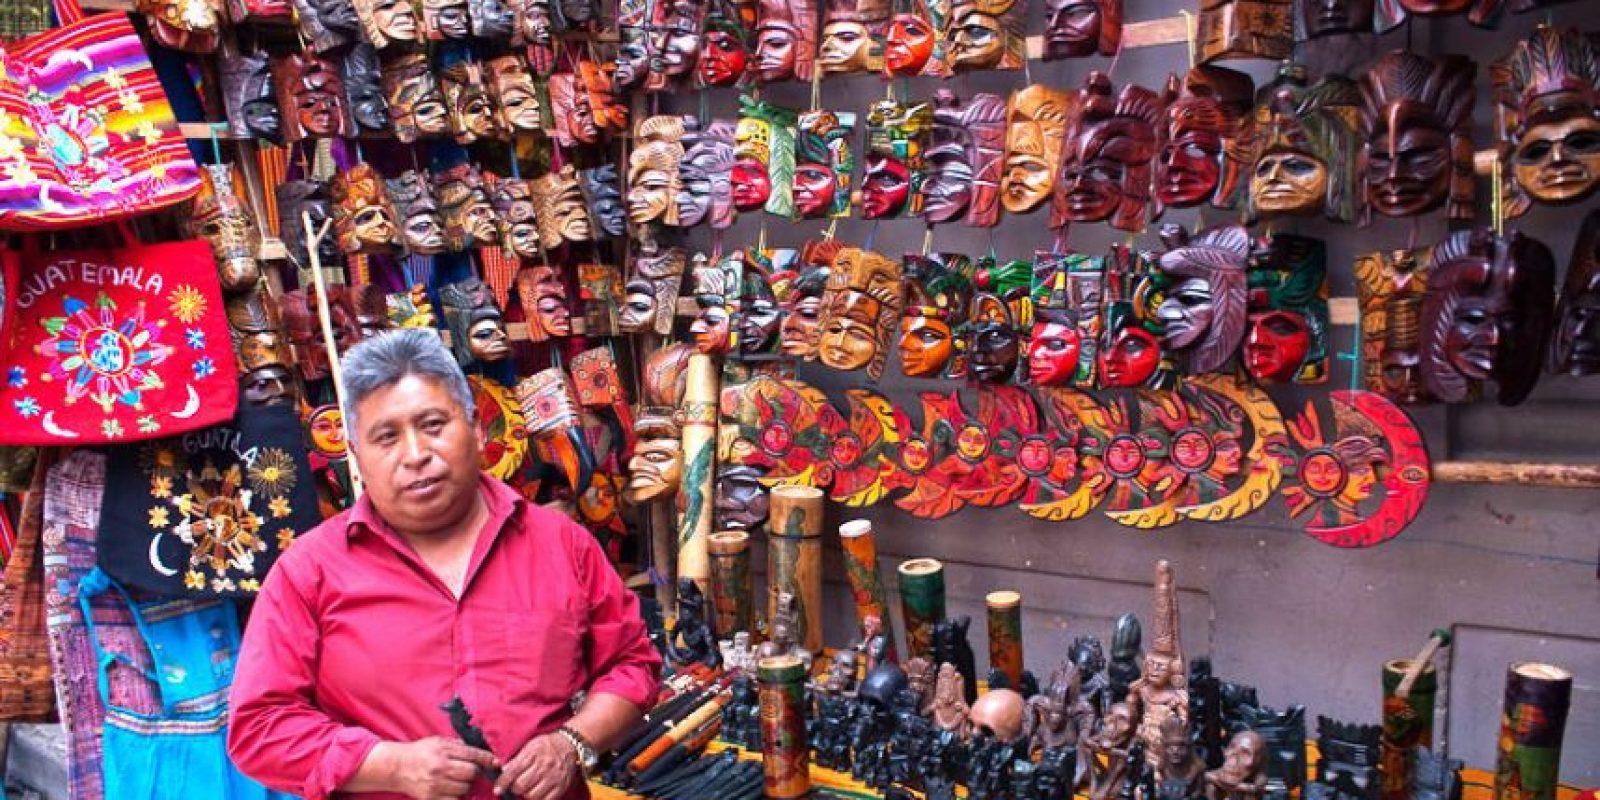 O productos artesanales que quieras comprar como suvenires. Foto:http://www.buzzfeed.com